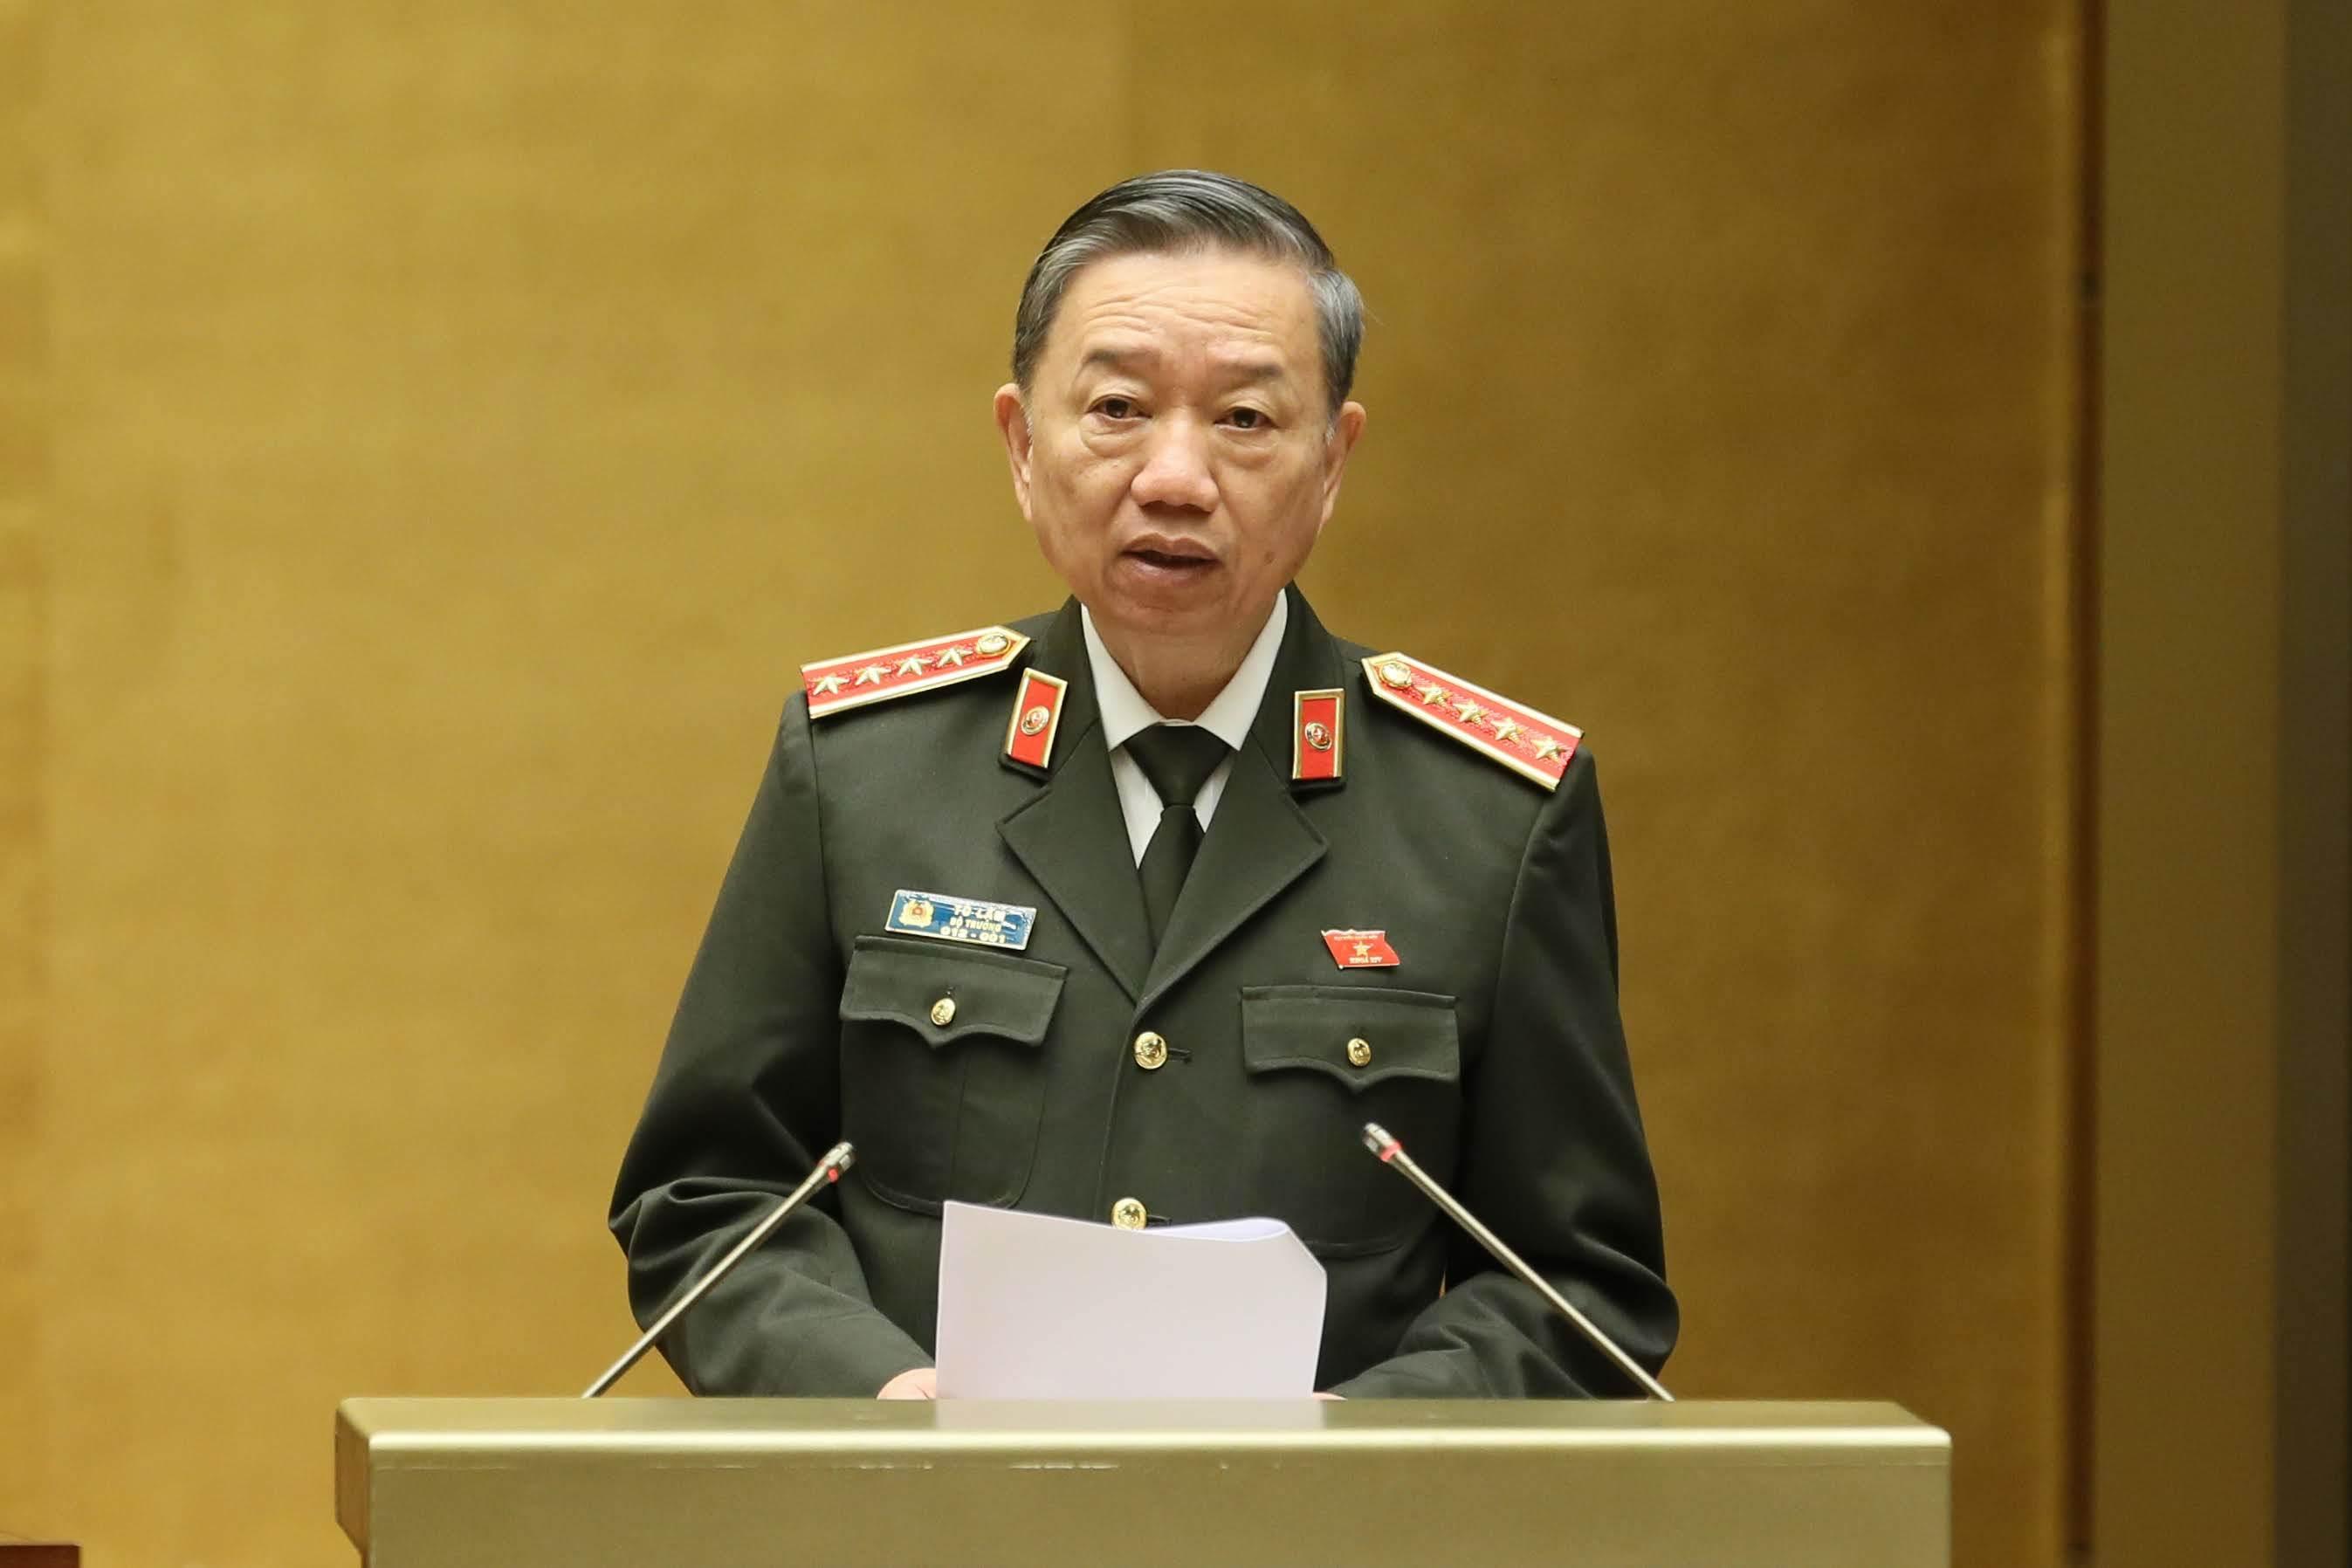 Tô Lâm,Bộ trưởng Tô Lâm,Đại tướng Tô Lâm,phản động,Quốc hội,mạng xã hội